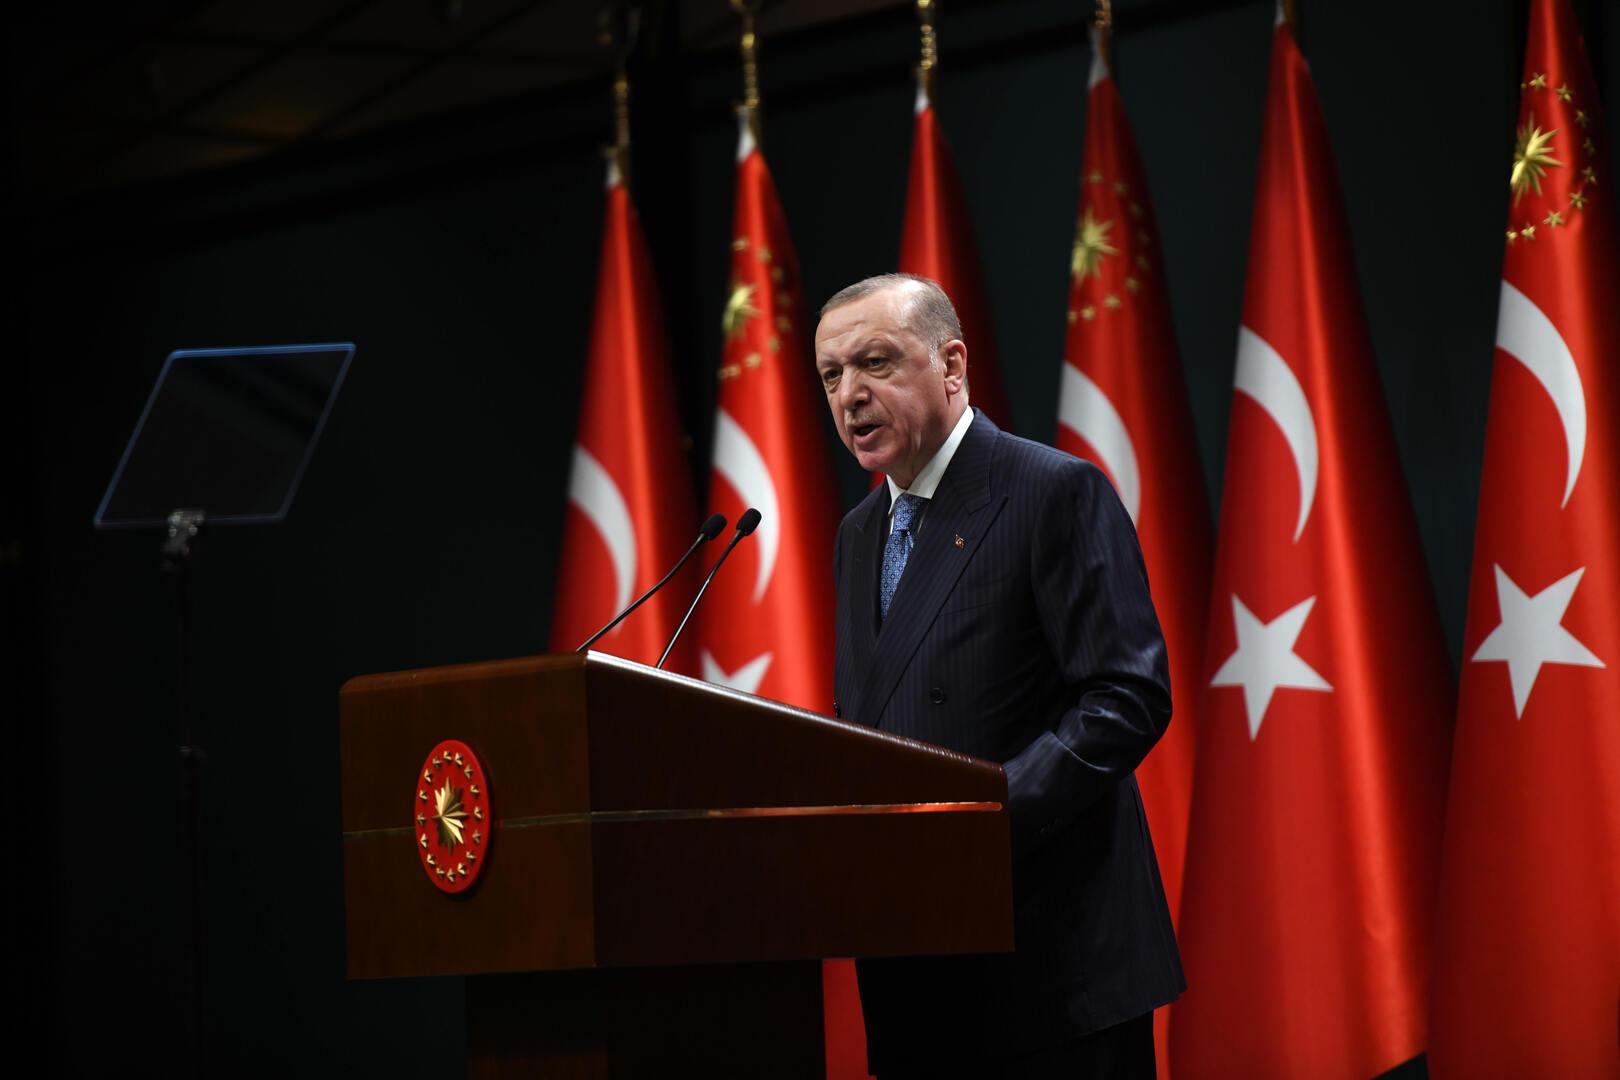 وسائل إعلام تركية: أردوغان يؤكد استعداد أنقرة للعمل مع